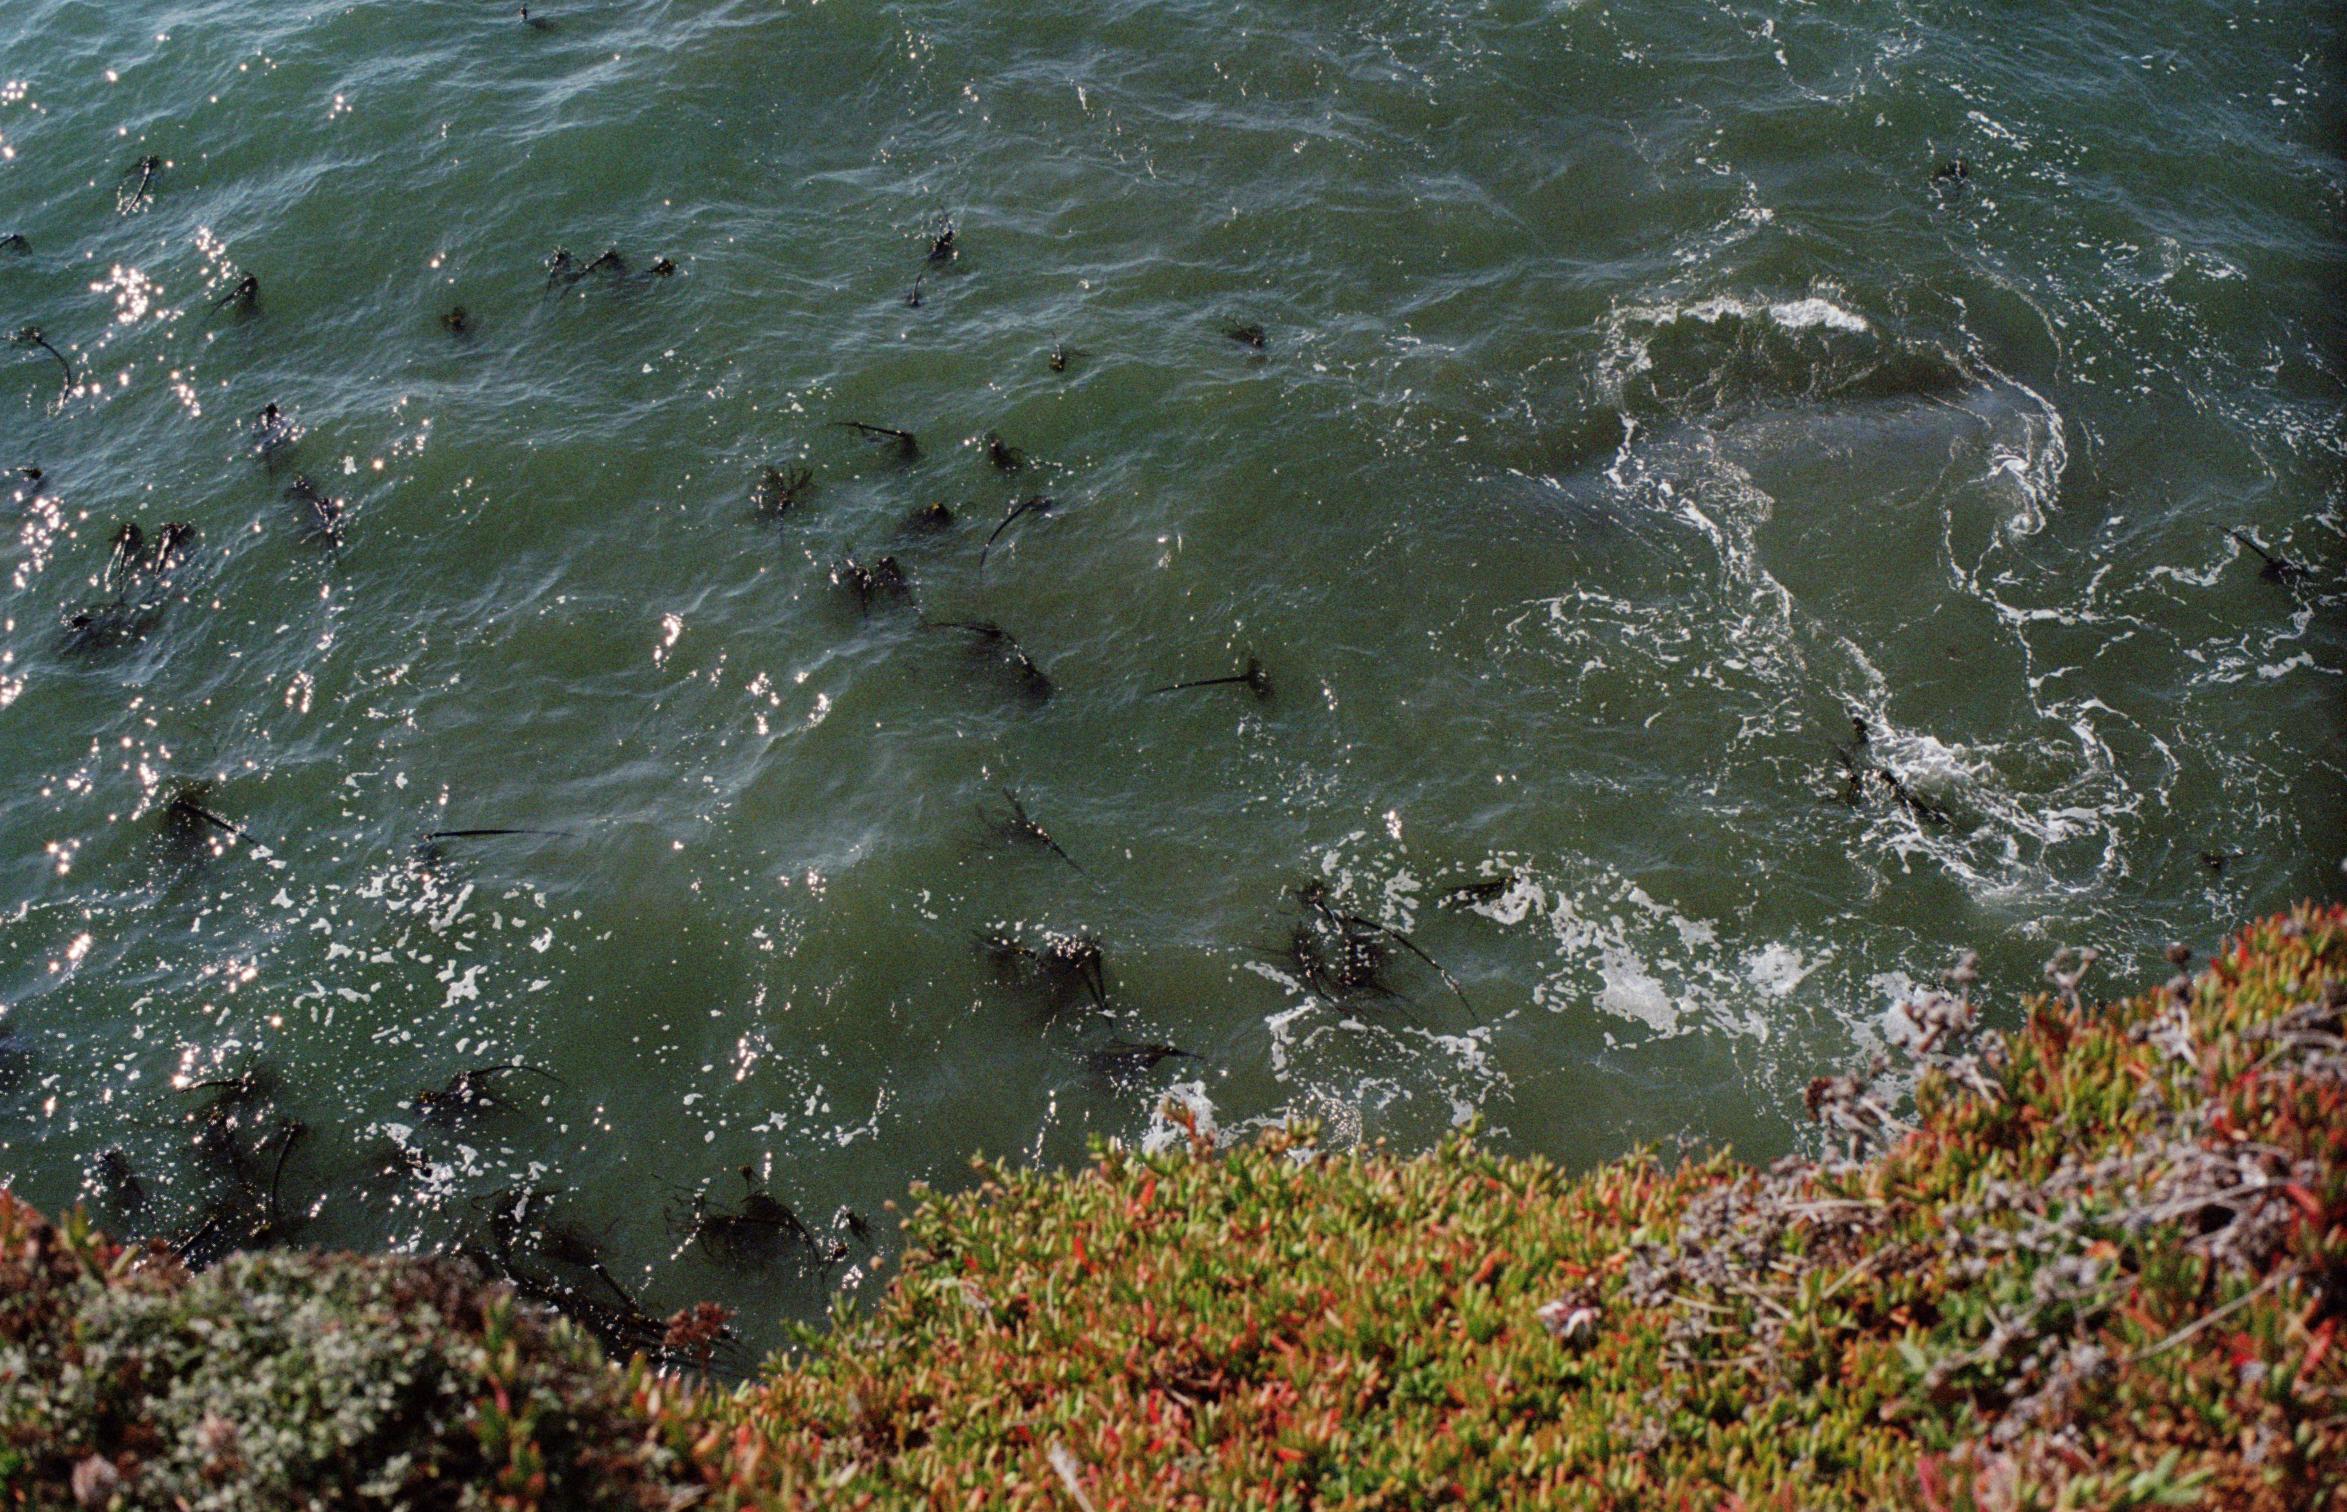 Pacific Ocean wonder